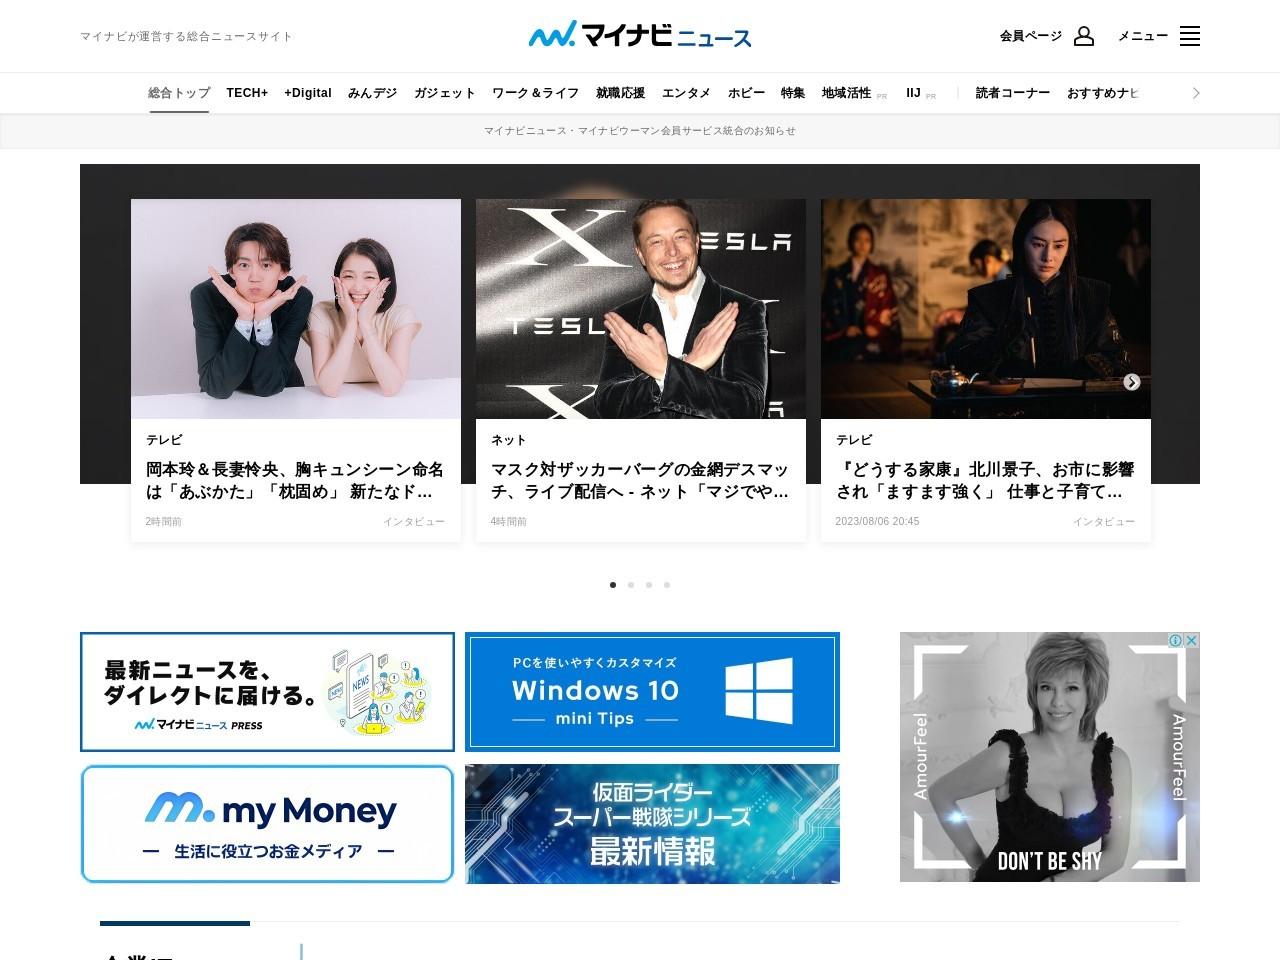 世界の旅行者が選んだ超絶ビーチランキングベスト10–日本版に静岡や和歌山も